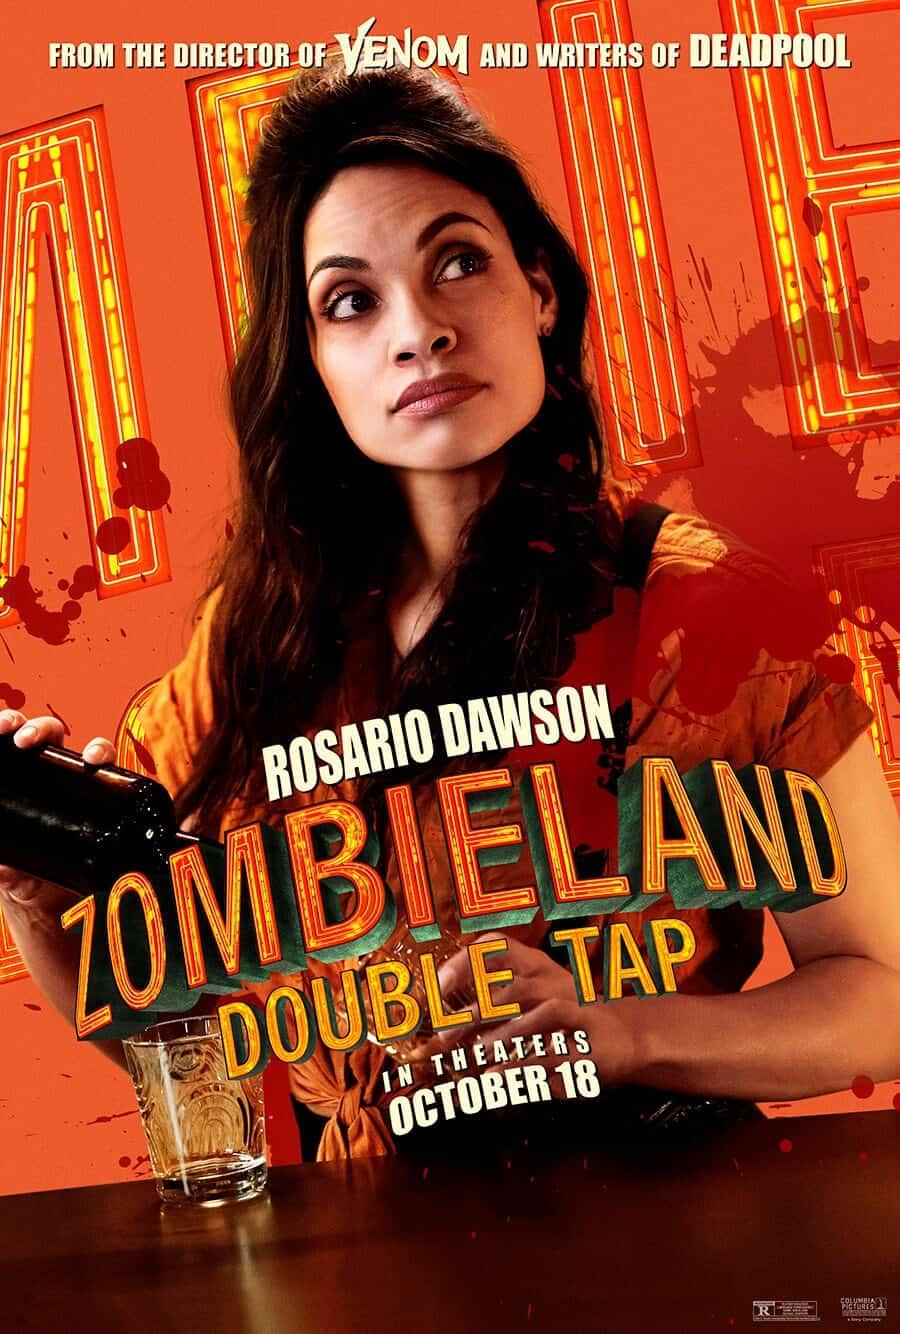 Zombieland Double Tap Rosario Dawson